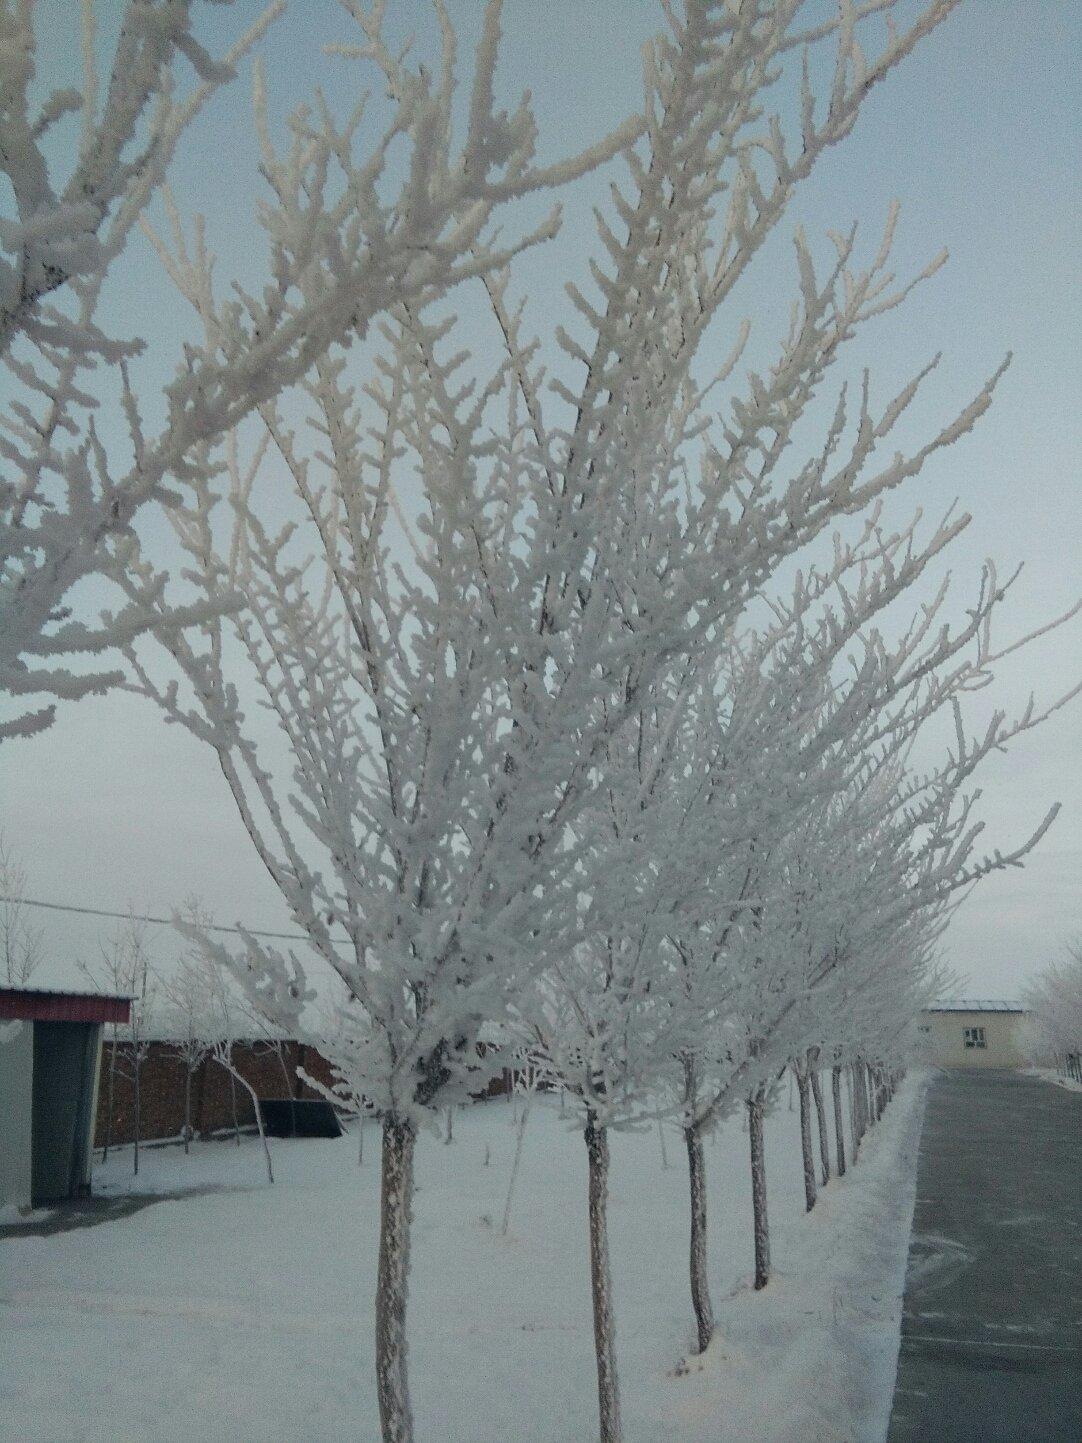 新疆维吾尔自治区阿勒泰地区富蕴县富库段靠近新天地乐途酒店天气预报